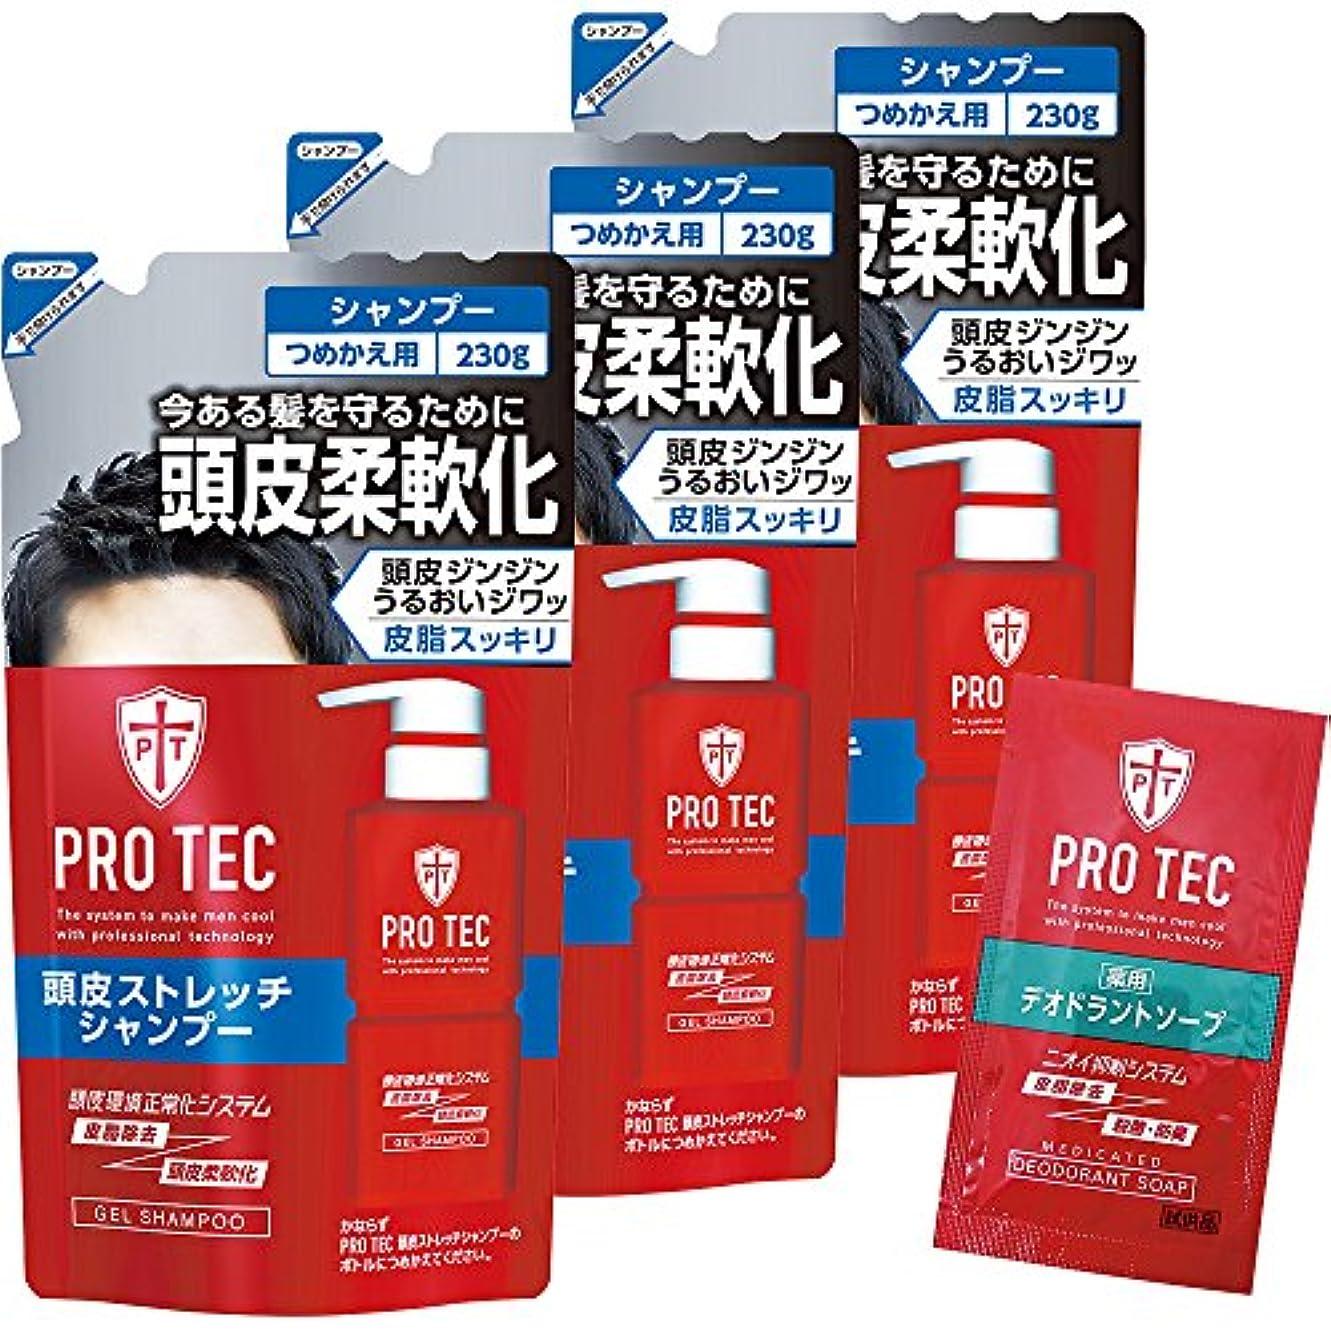 推定予感スポーツをする【Amazon.co.jp限定】PRO TEC(プロテク) 頭皮ストレッチ シャンプー 詰め替え (医薬部外品) 230g×3個パック+デオドラントソープ1回分付